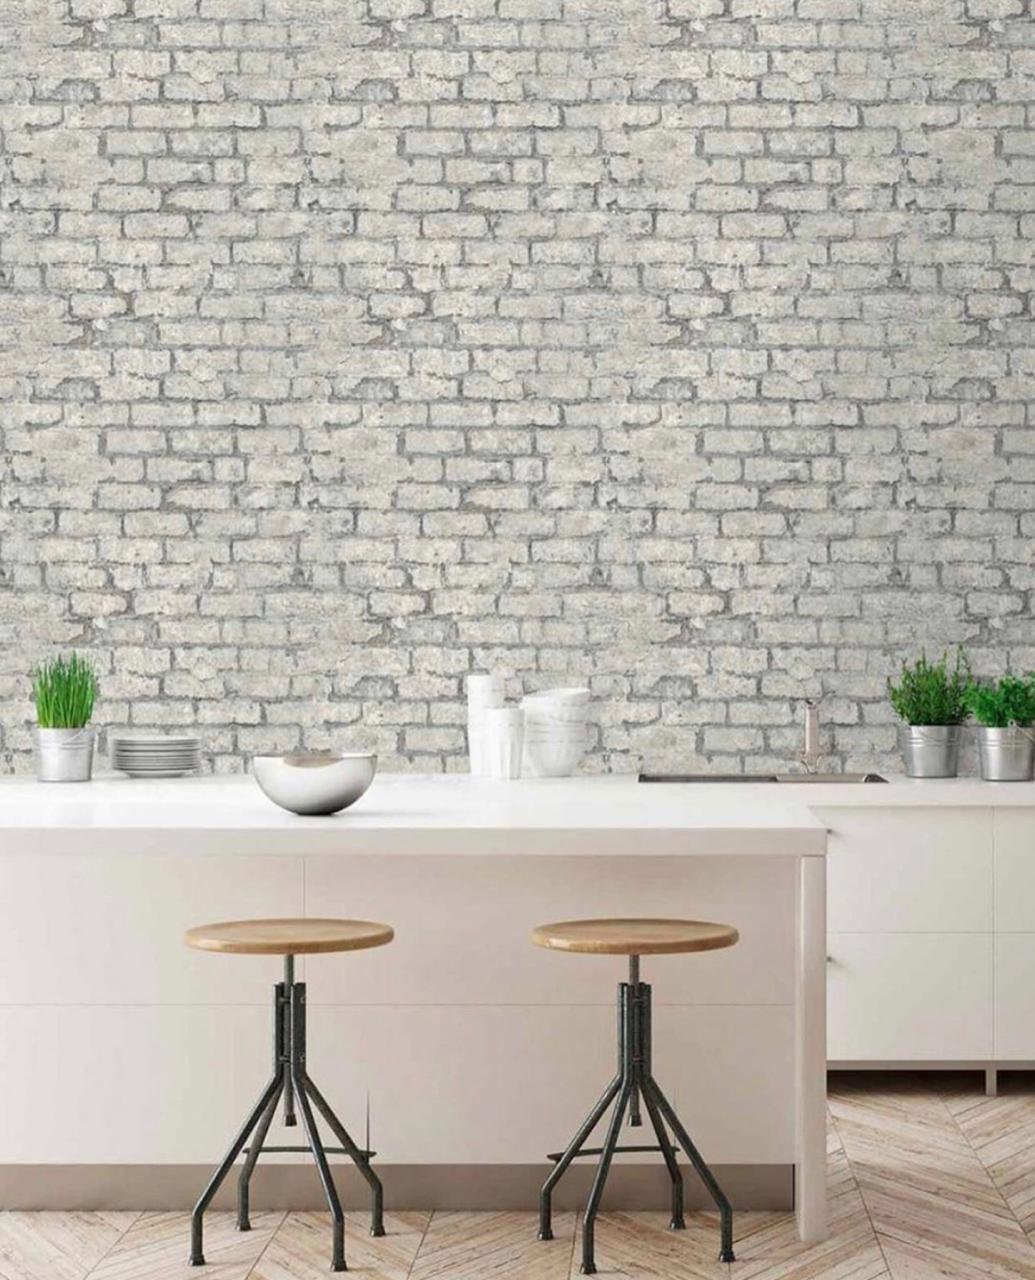 Cozinha com bancada branca, bancos e acessórios de cozinha e papel de parede representando tijolinhos.